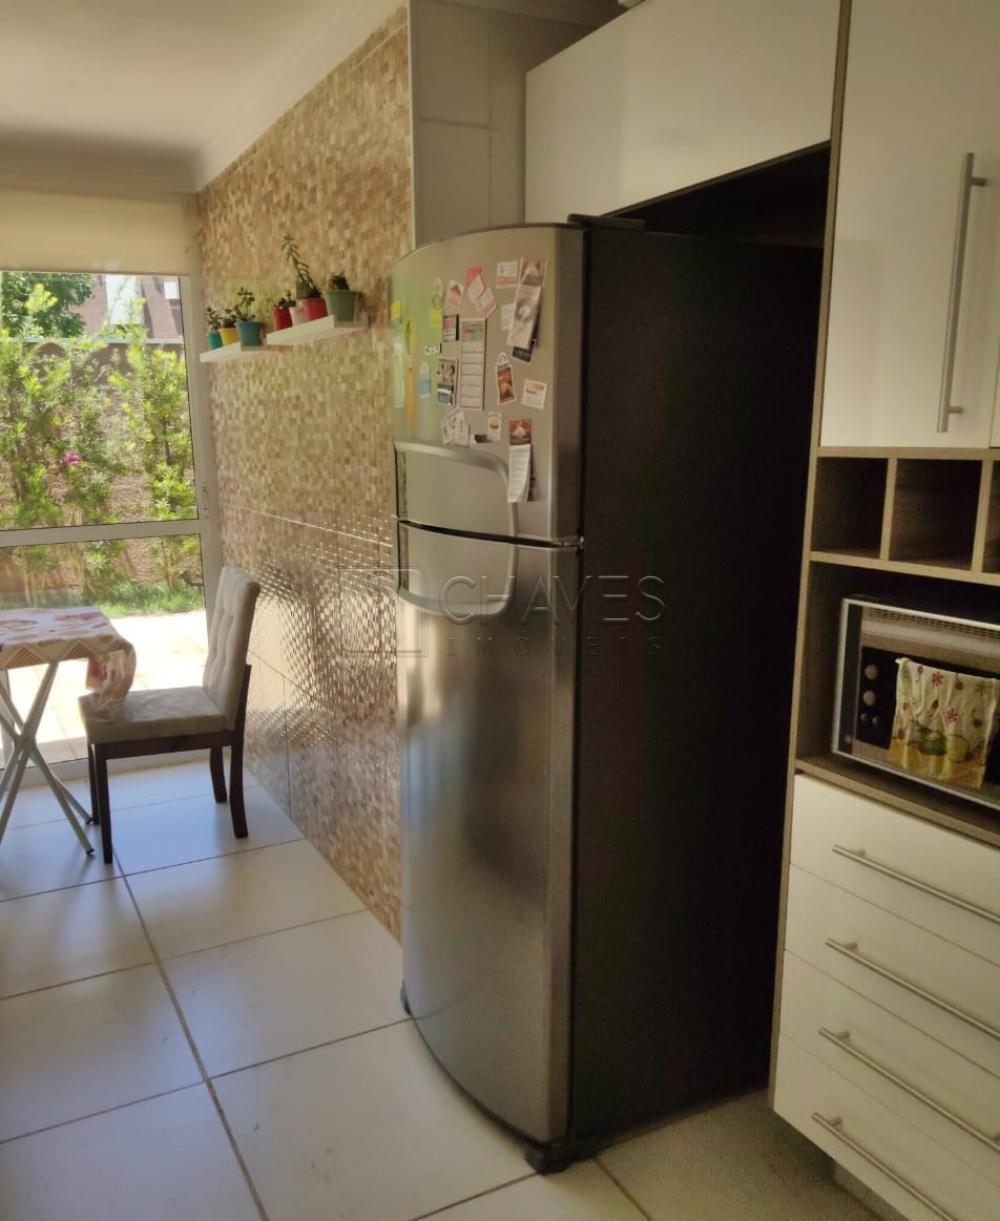 Comprar Casa / Condomínio em Ribeirão Preto apenas R$ 550.000,00 - Foto 5